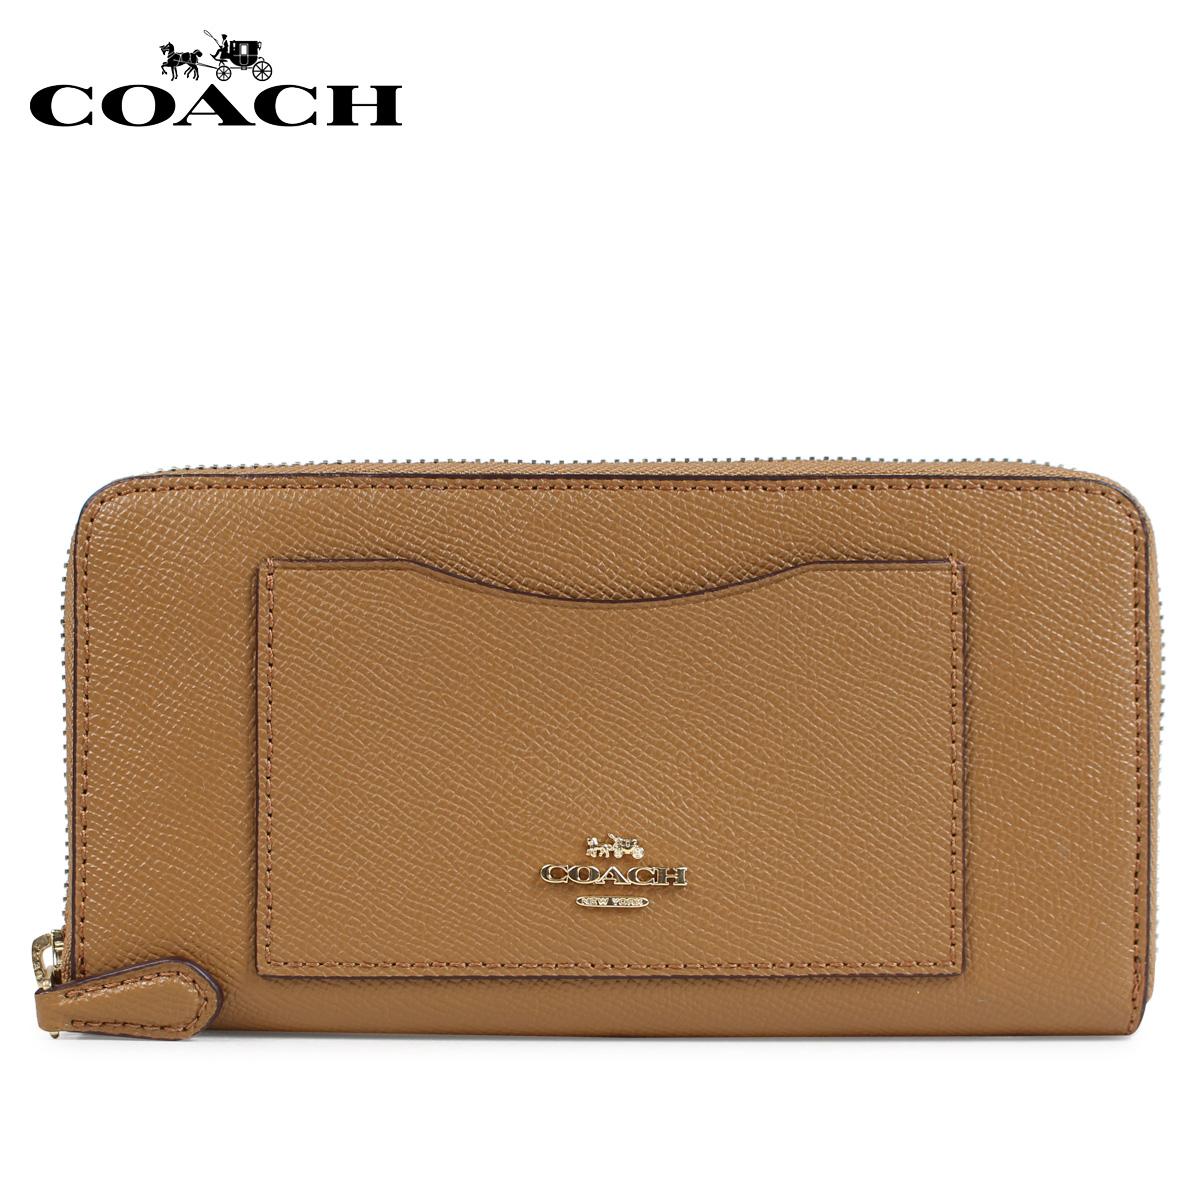 COACH F54007 コーチ 財布 長財布 レディース ラウンドファスナー レザー ブラウン